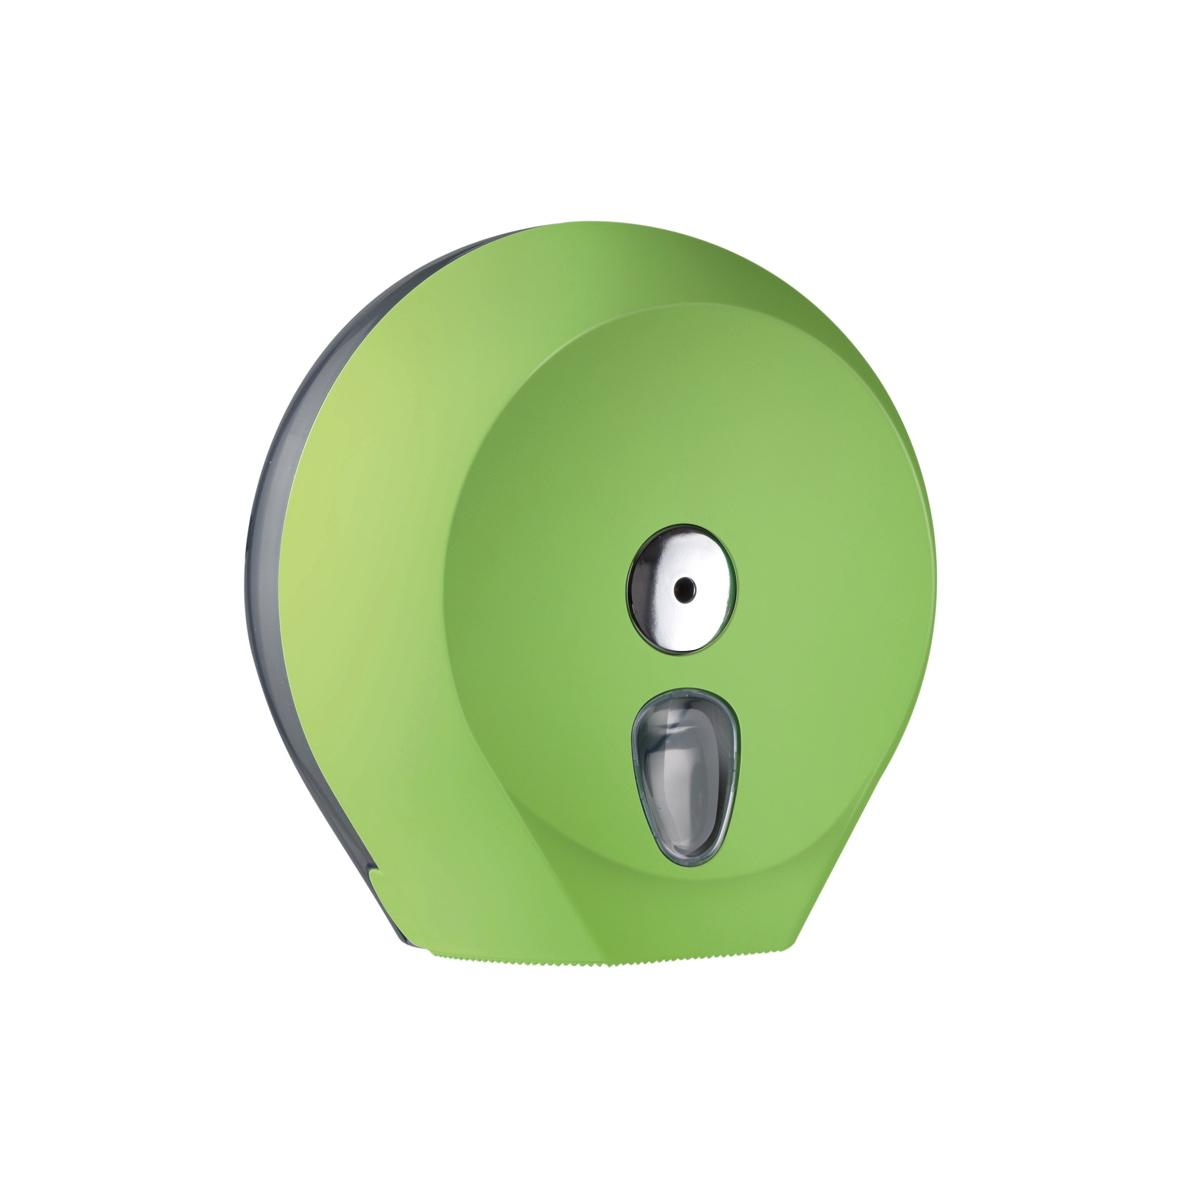 Podajalnik toaletnih rol jumbo mini Colored